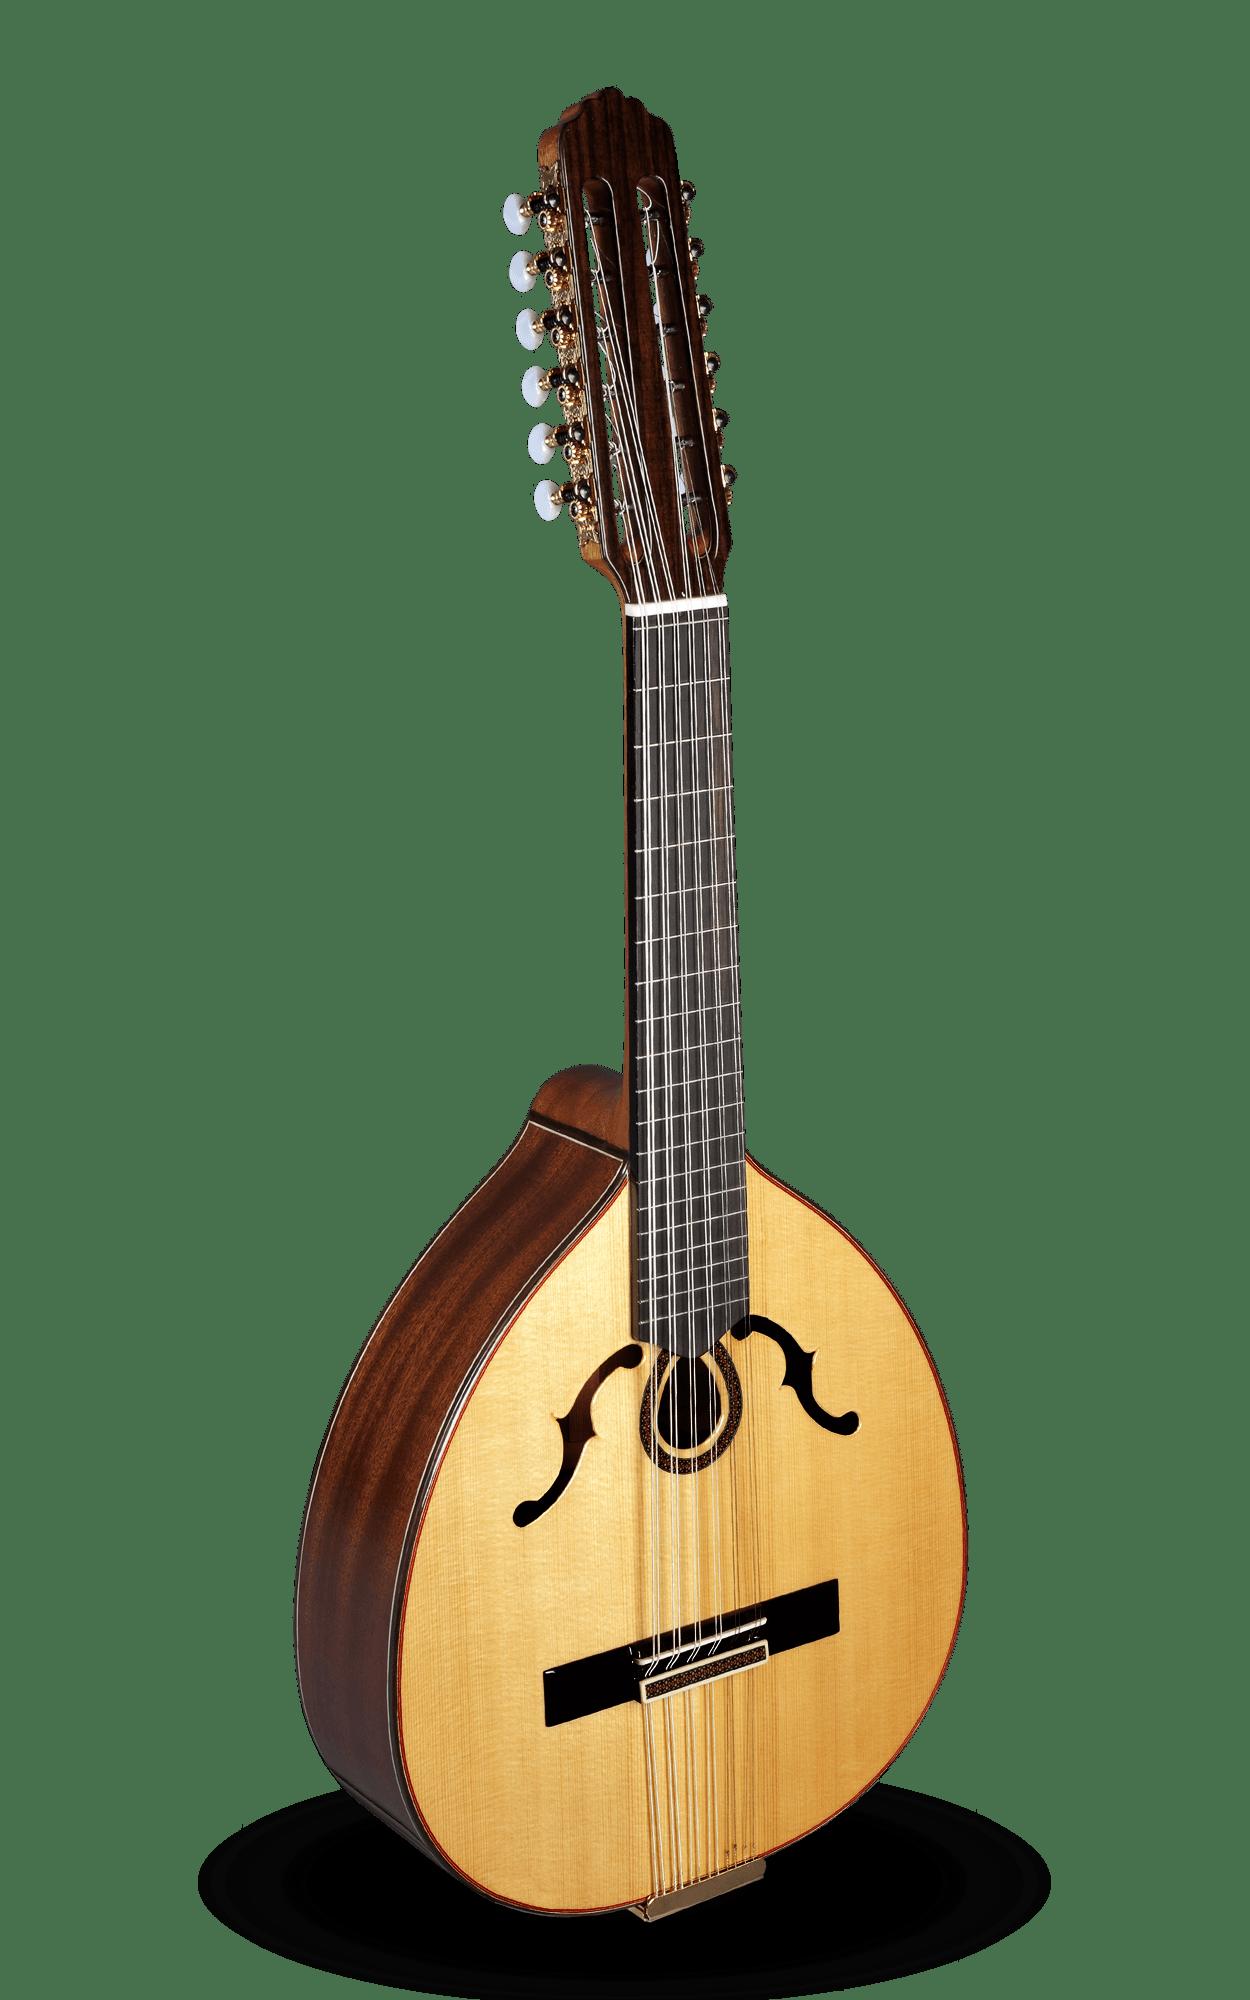 Tocando la guitarra - 1 10